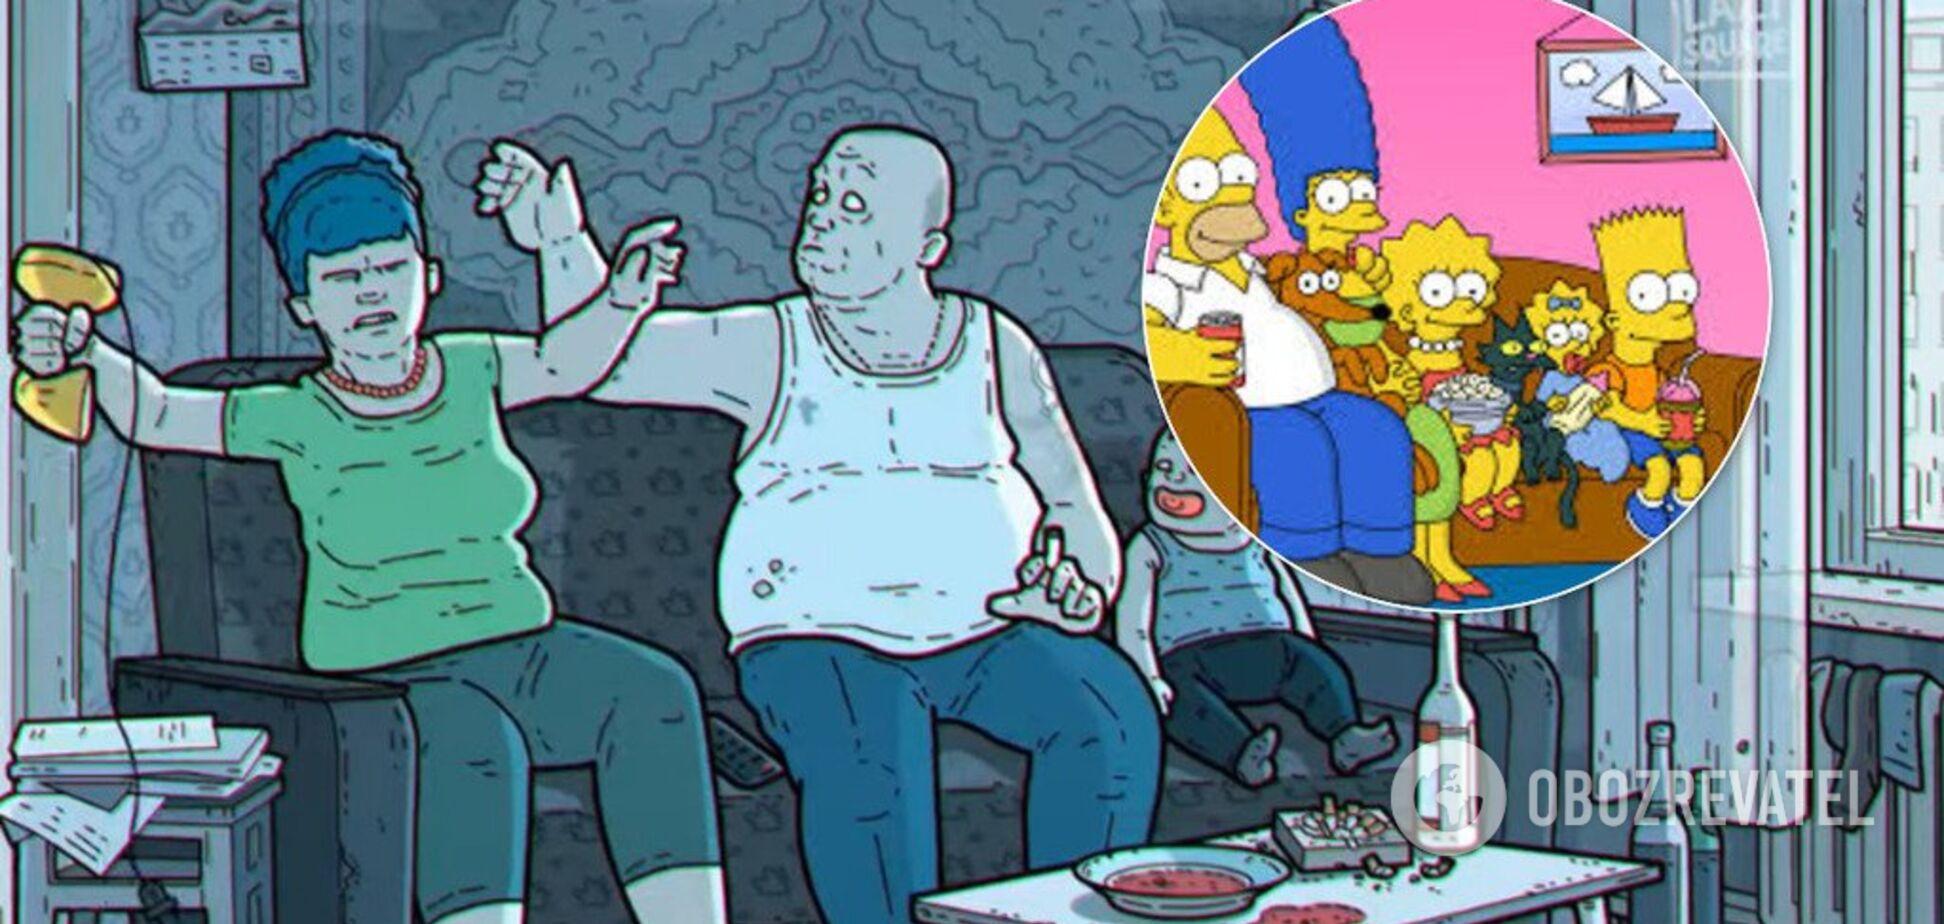 Охранник Гомер и гопник Барт: в России показали свою мрачную версию 'Симпсонов'